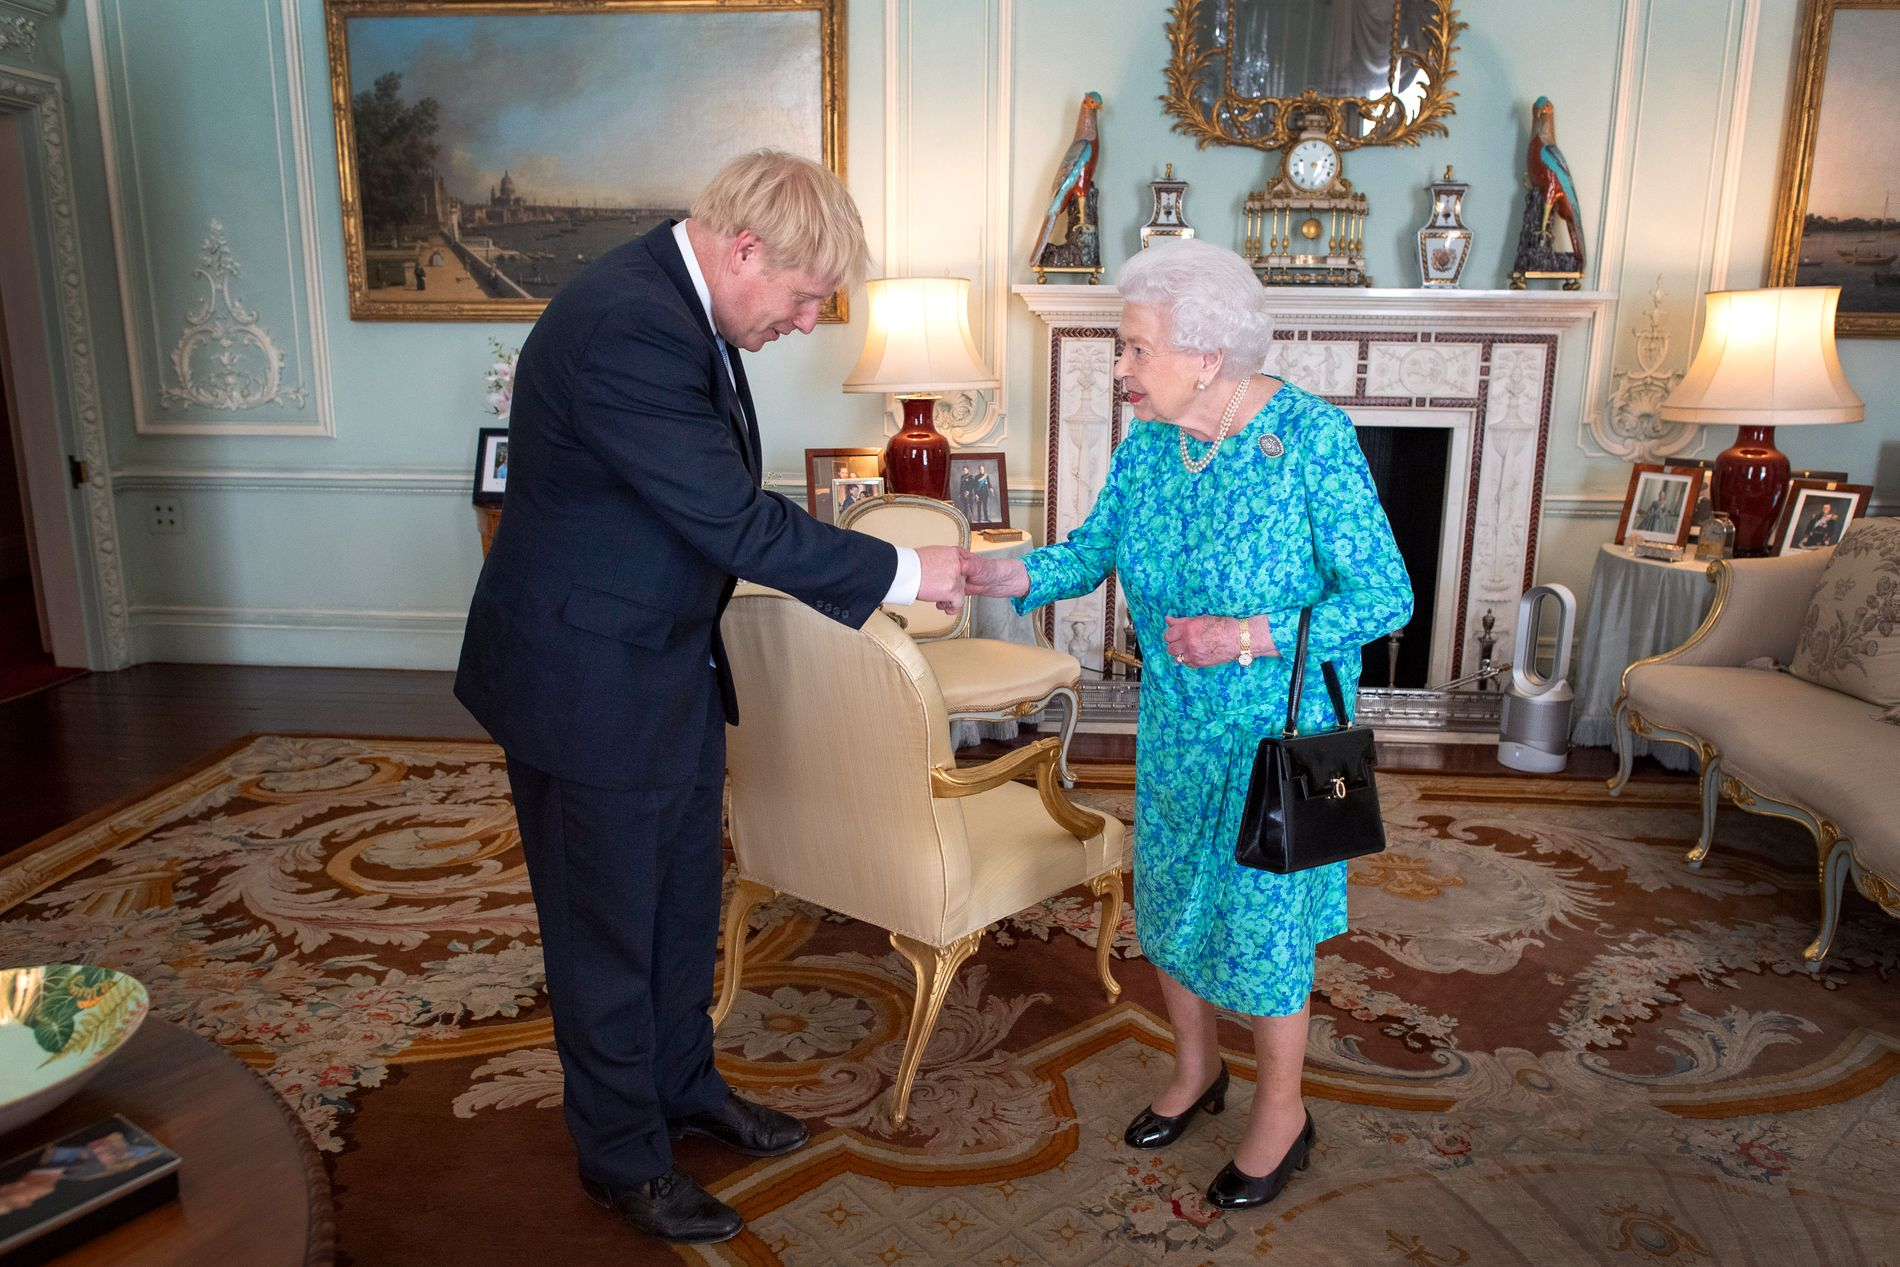 UDEMOKRATISK? – Demokratidebatten er etter gårsdagens manøver fra Boris Johnson i aller høyeste grad del av brexit-debatten, skriver kronikkforfatteren.